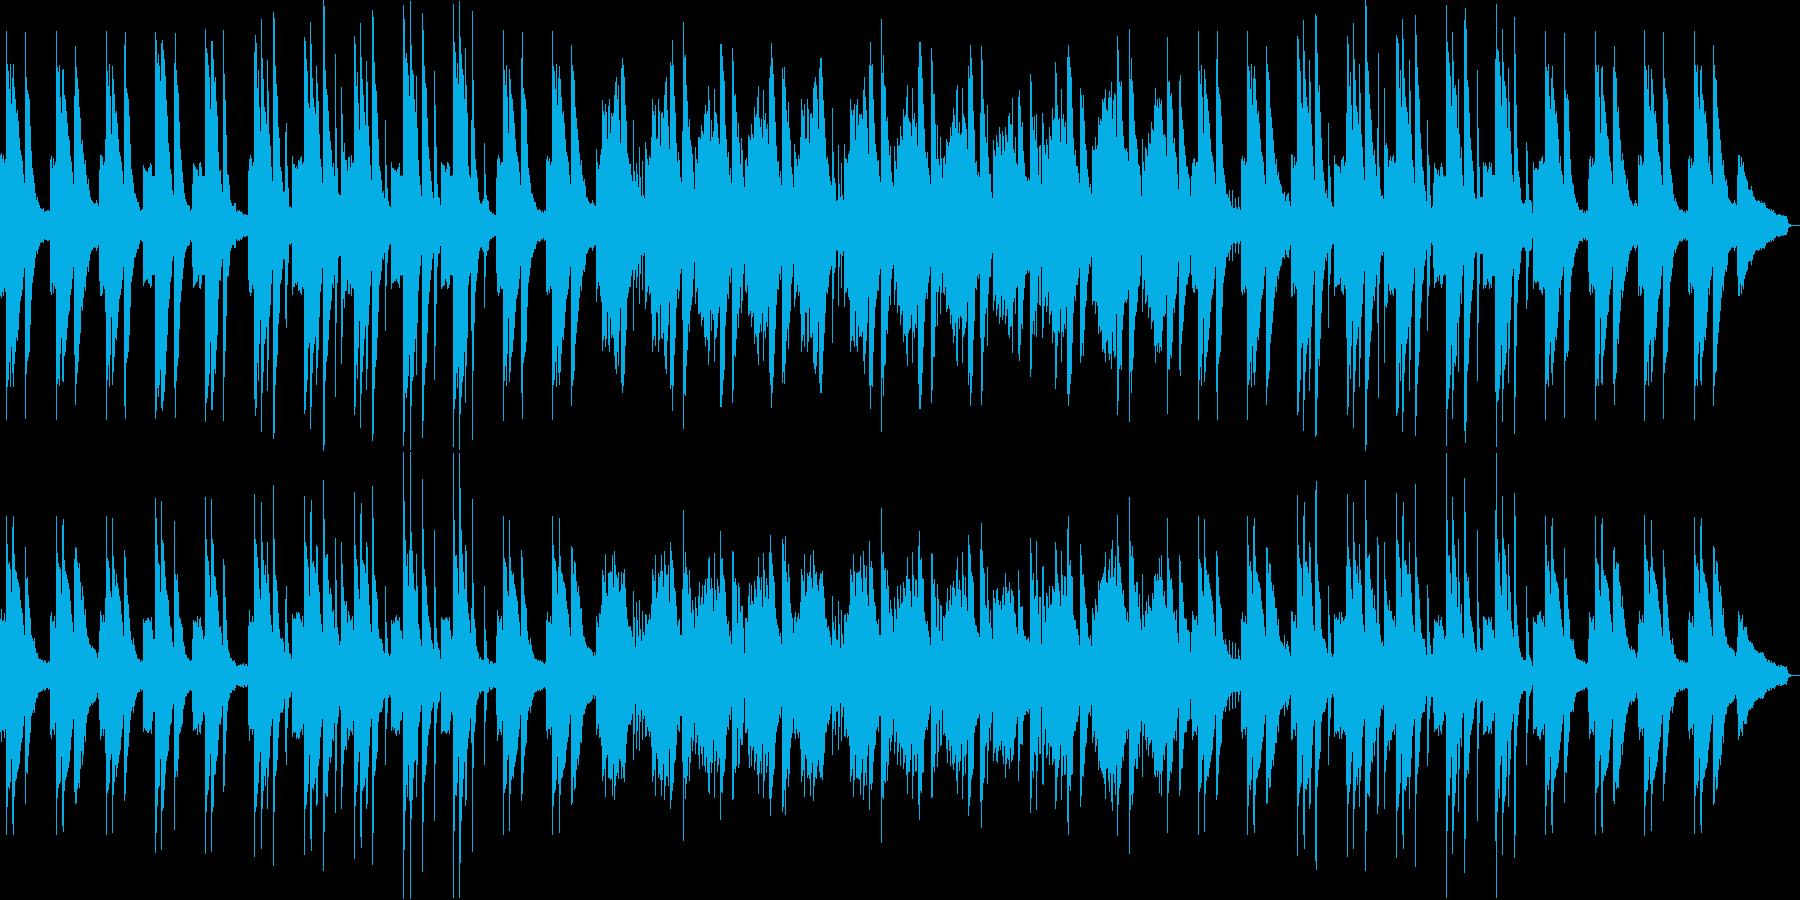 スローで荘厳なピアノソロ曲の再生済みの波形